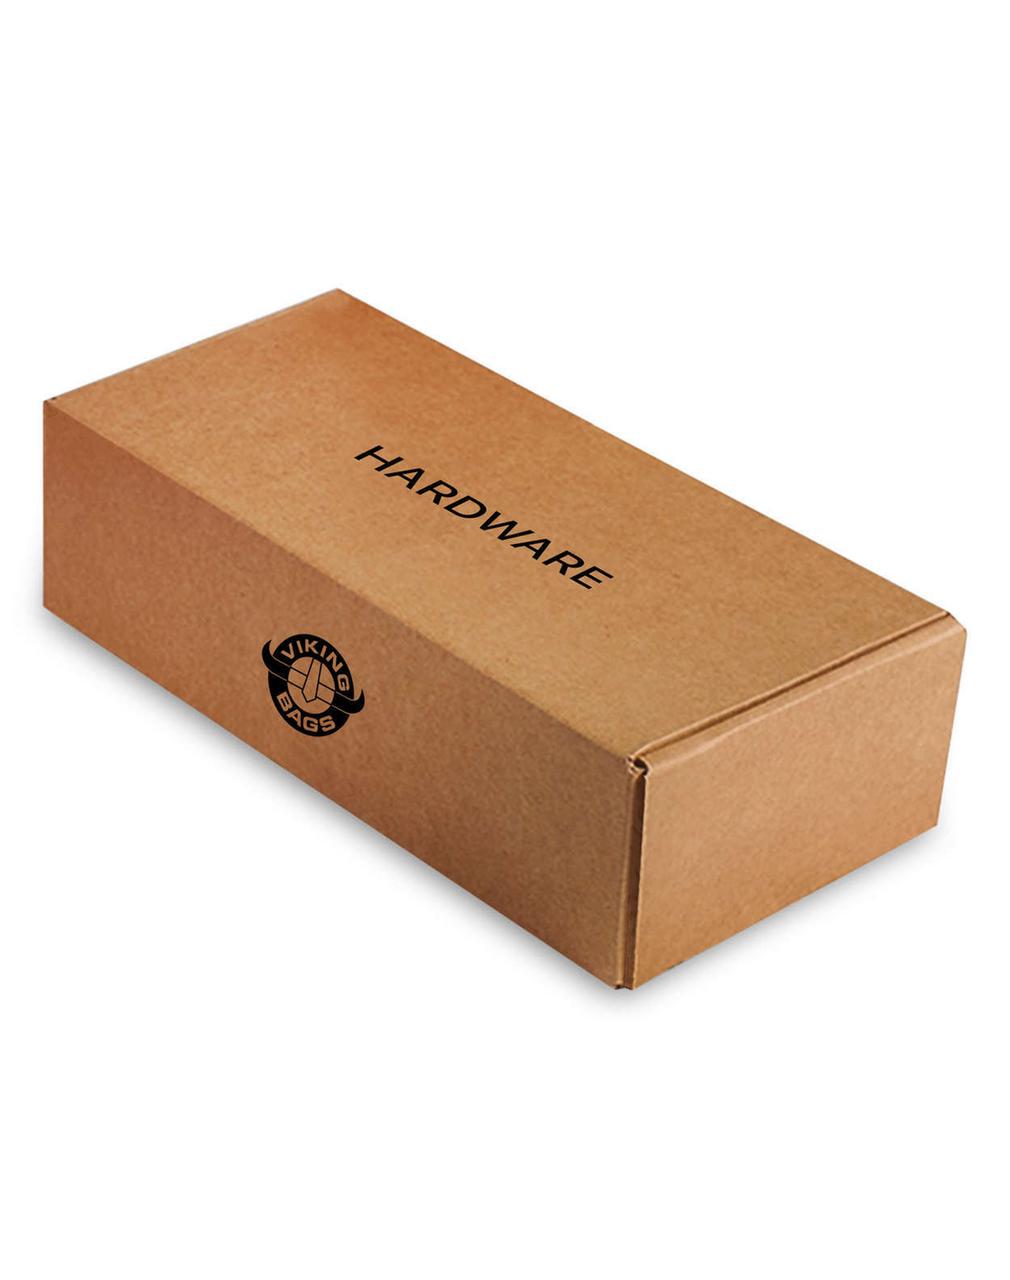 Triumph Thunderbird Viking Warrior Series Brown Large Motorcycle SaddleBags Box